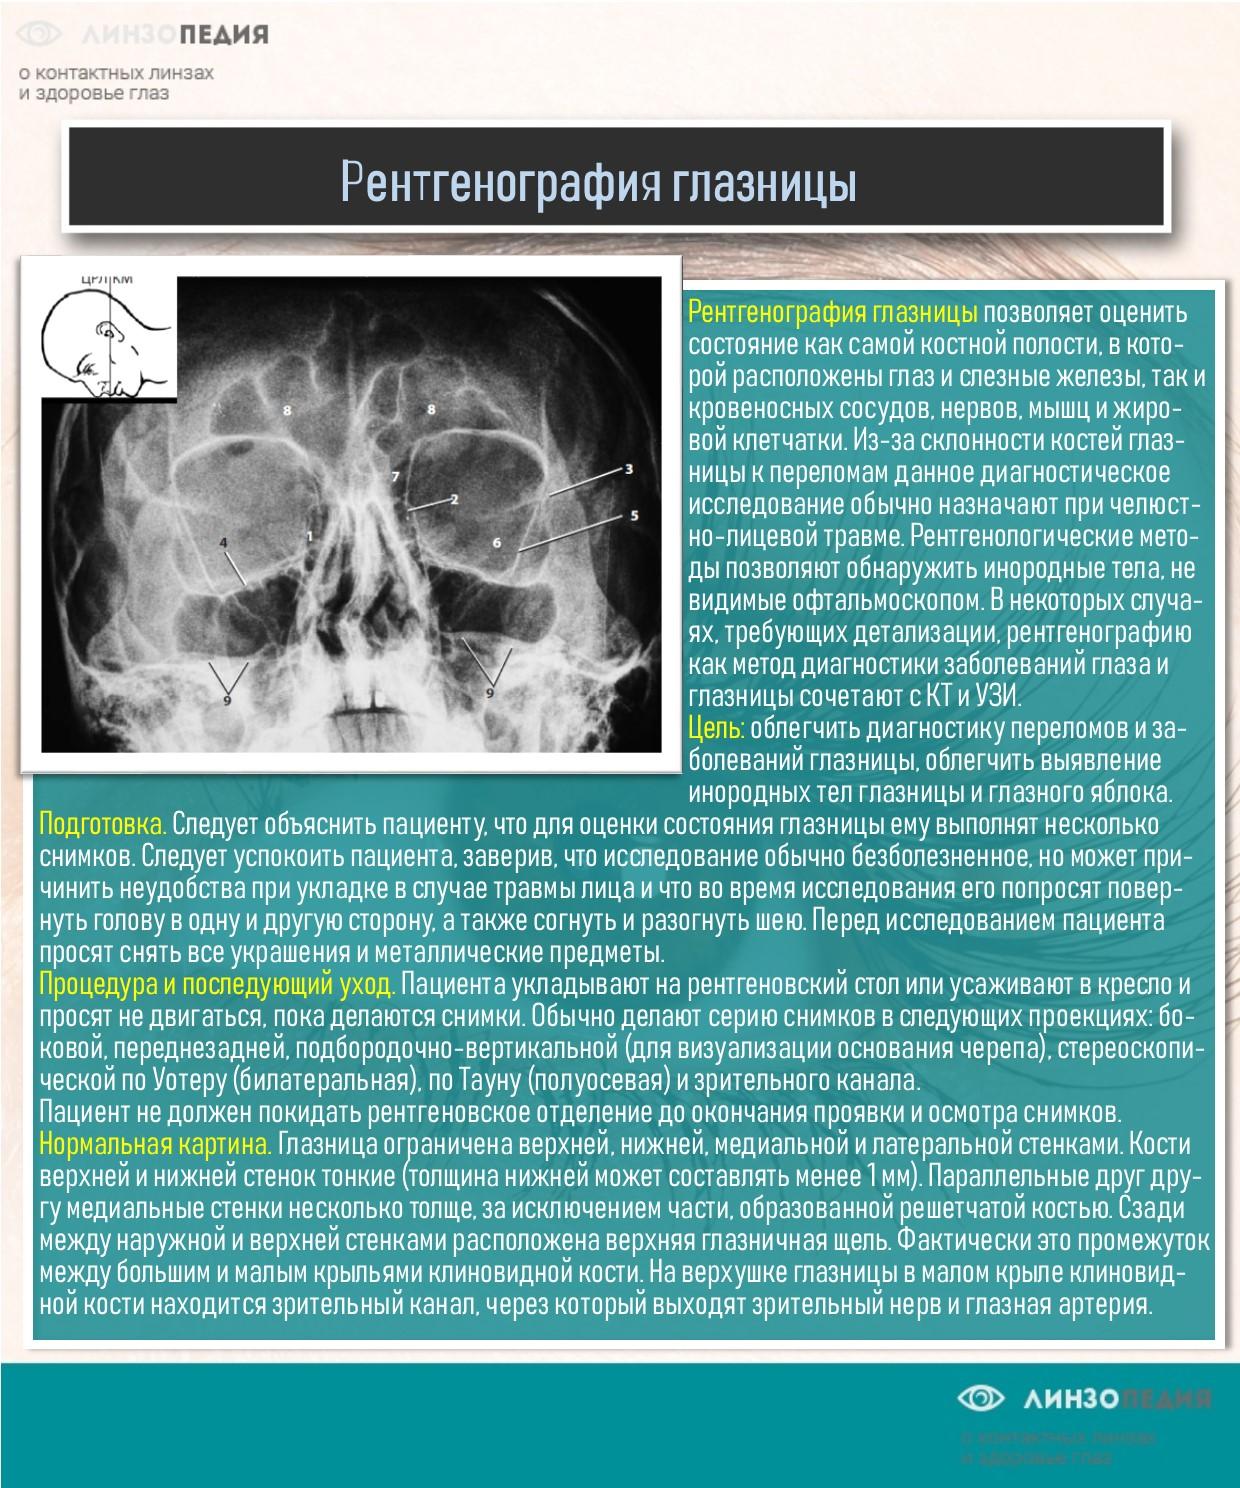 Рентгенография глазницы